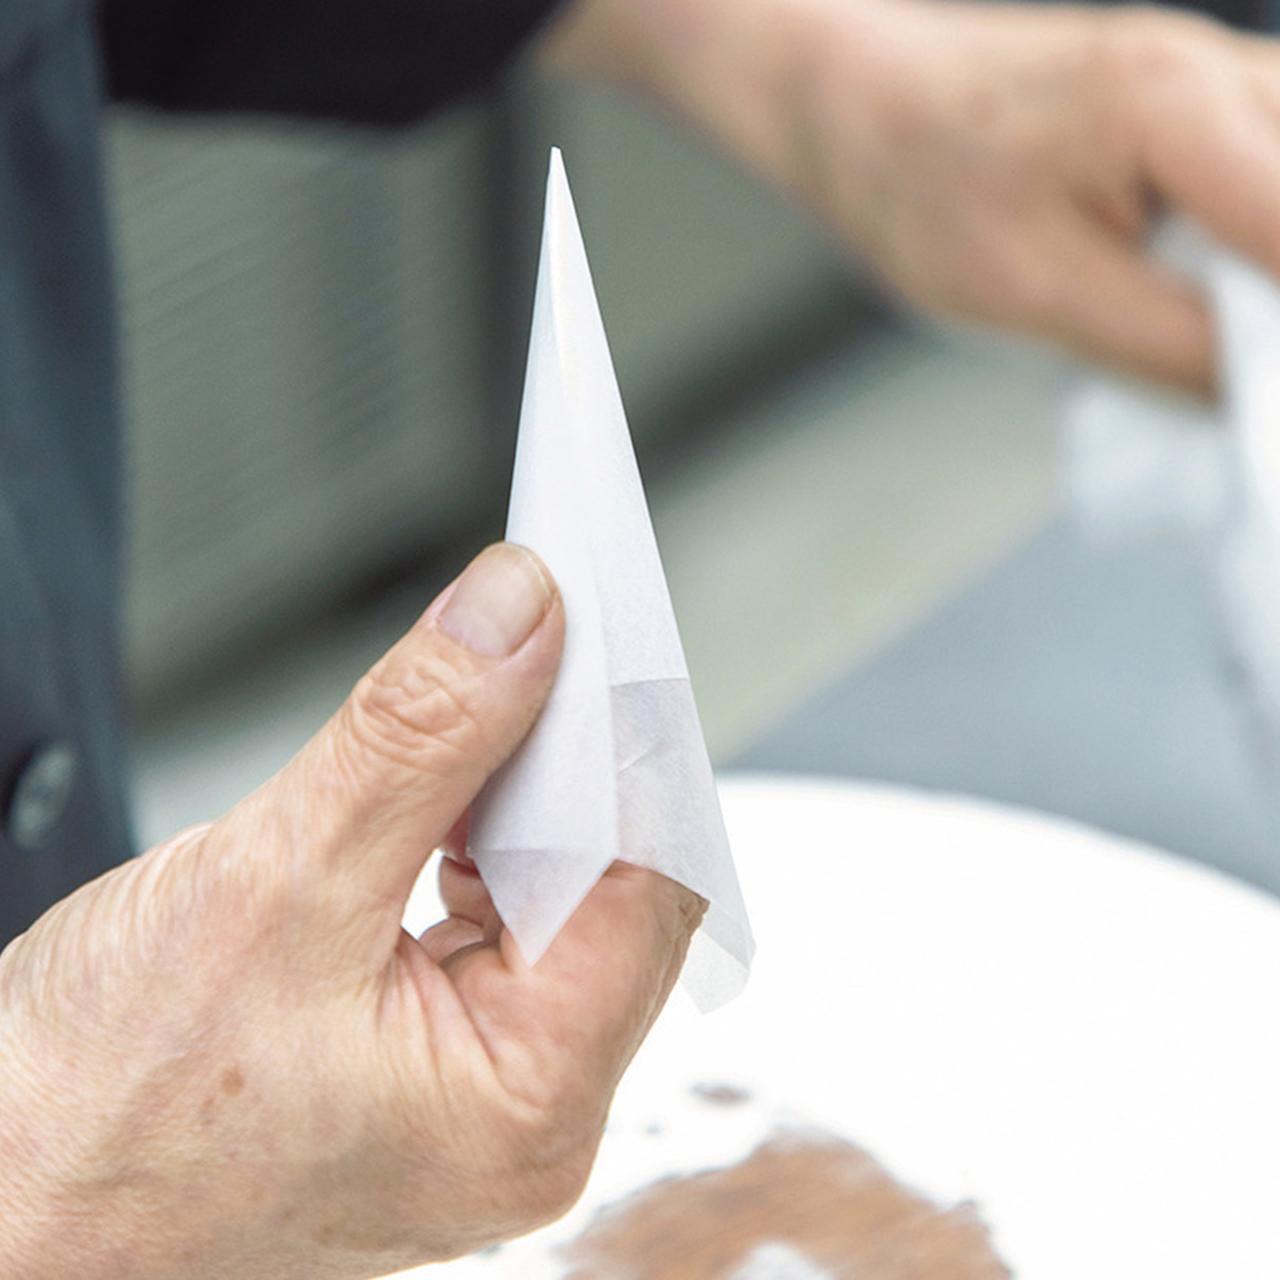 Images : 4番目の画像 - 「パーラー ローレルの 熟練職人が紡ぎだす 花のケーキの物語」のアルバム - T JAPAN:The New York Times Style Magazine 公式サイト